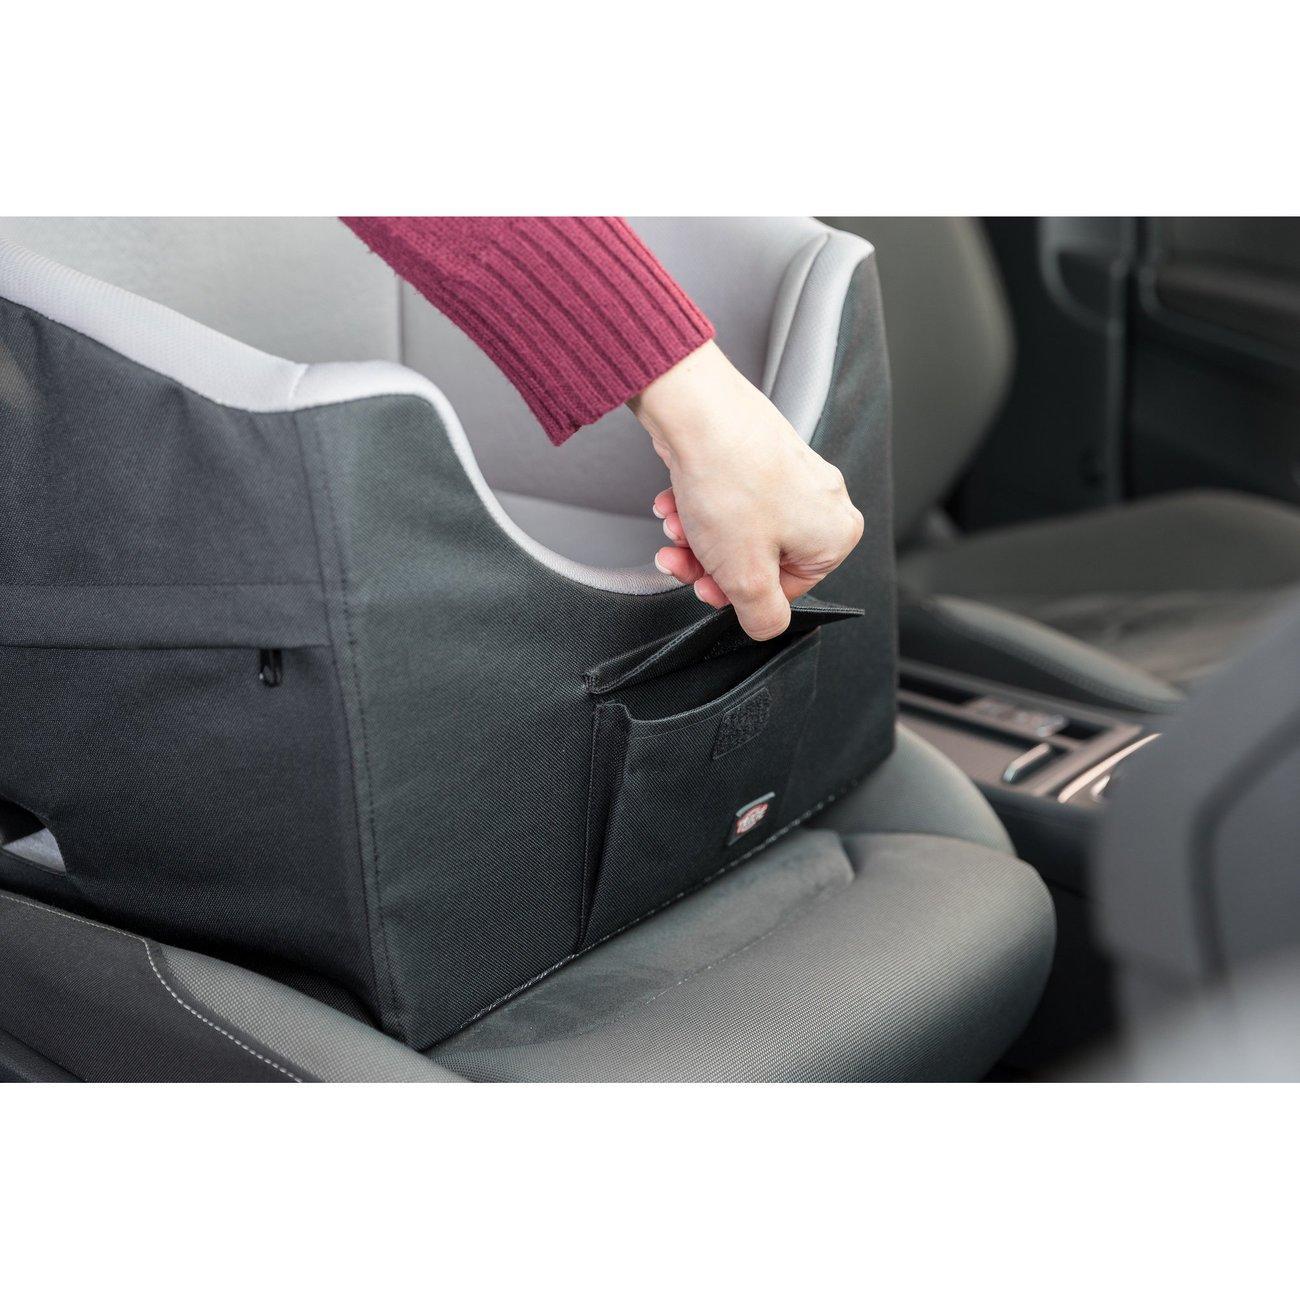 TRIXIE Autositz für kleine Hunde bis 8 kg 13176, Bild 18